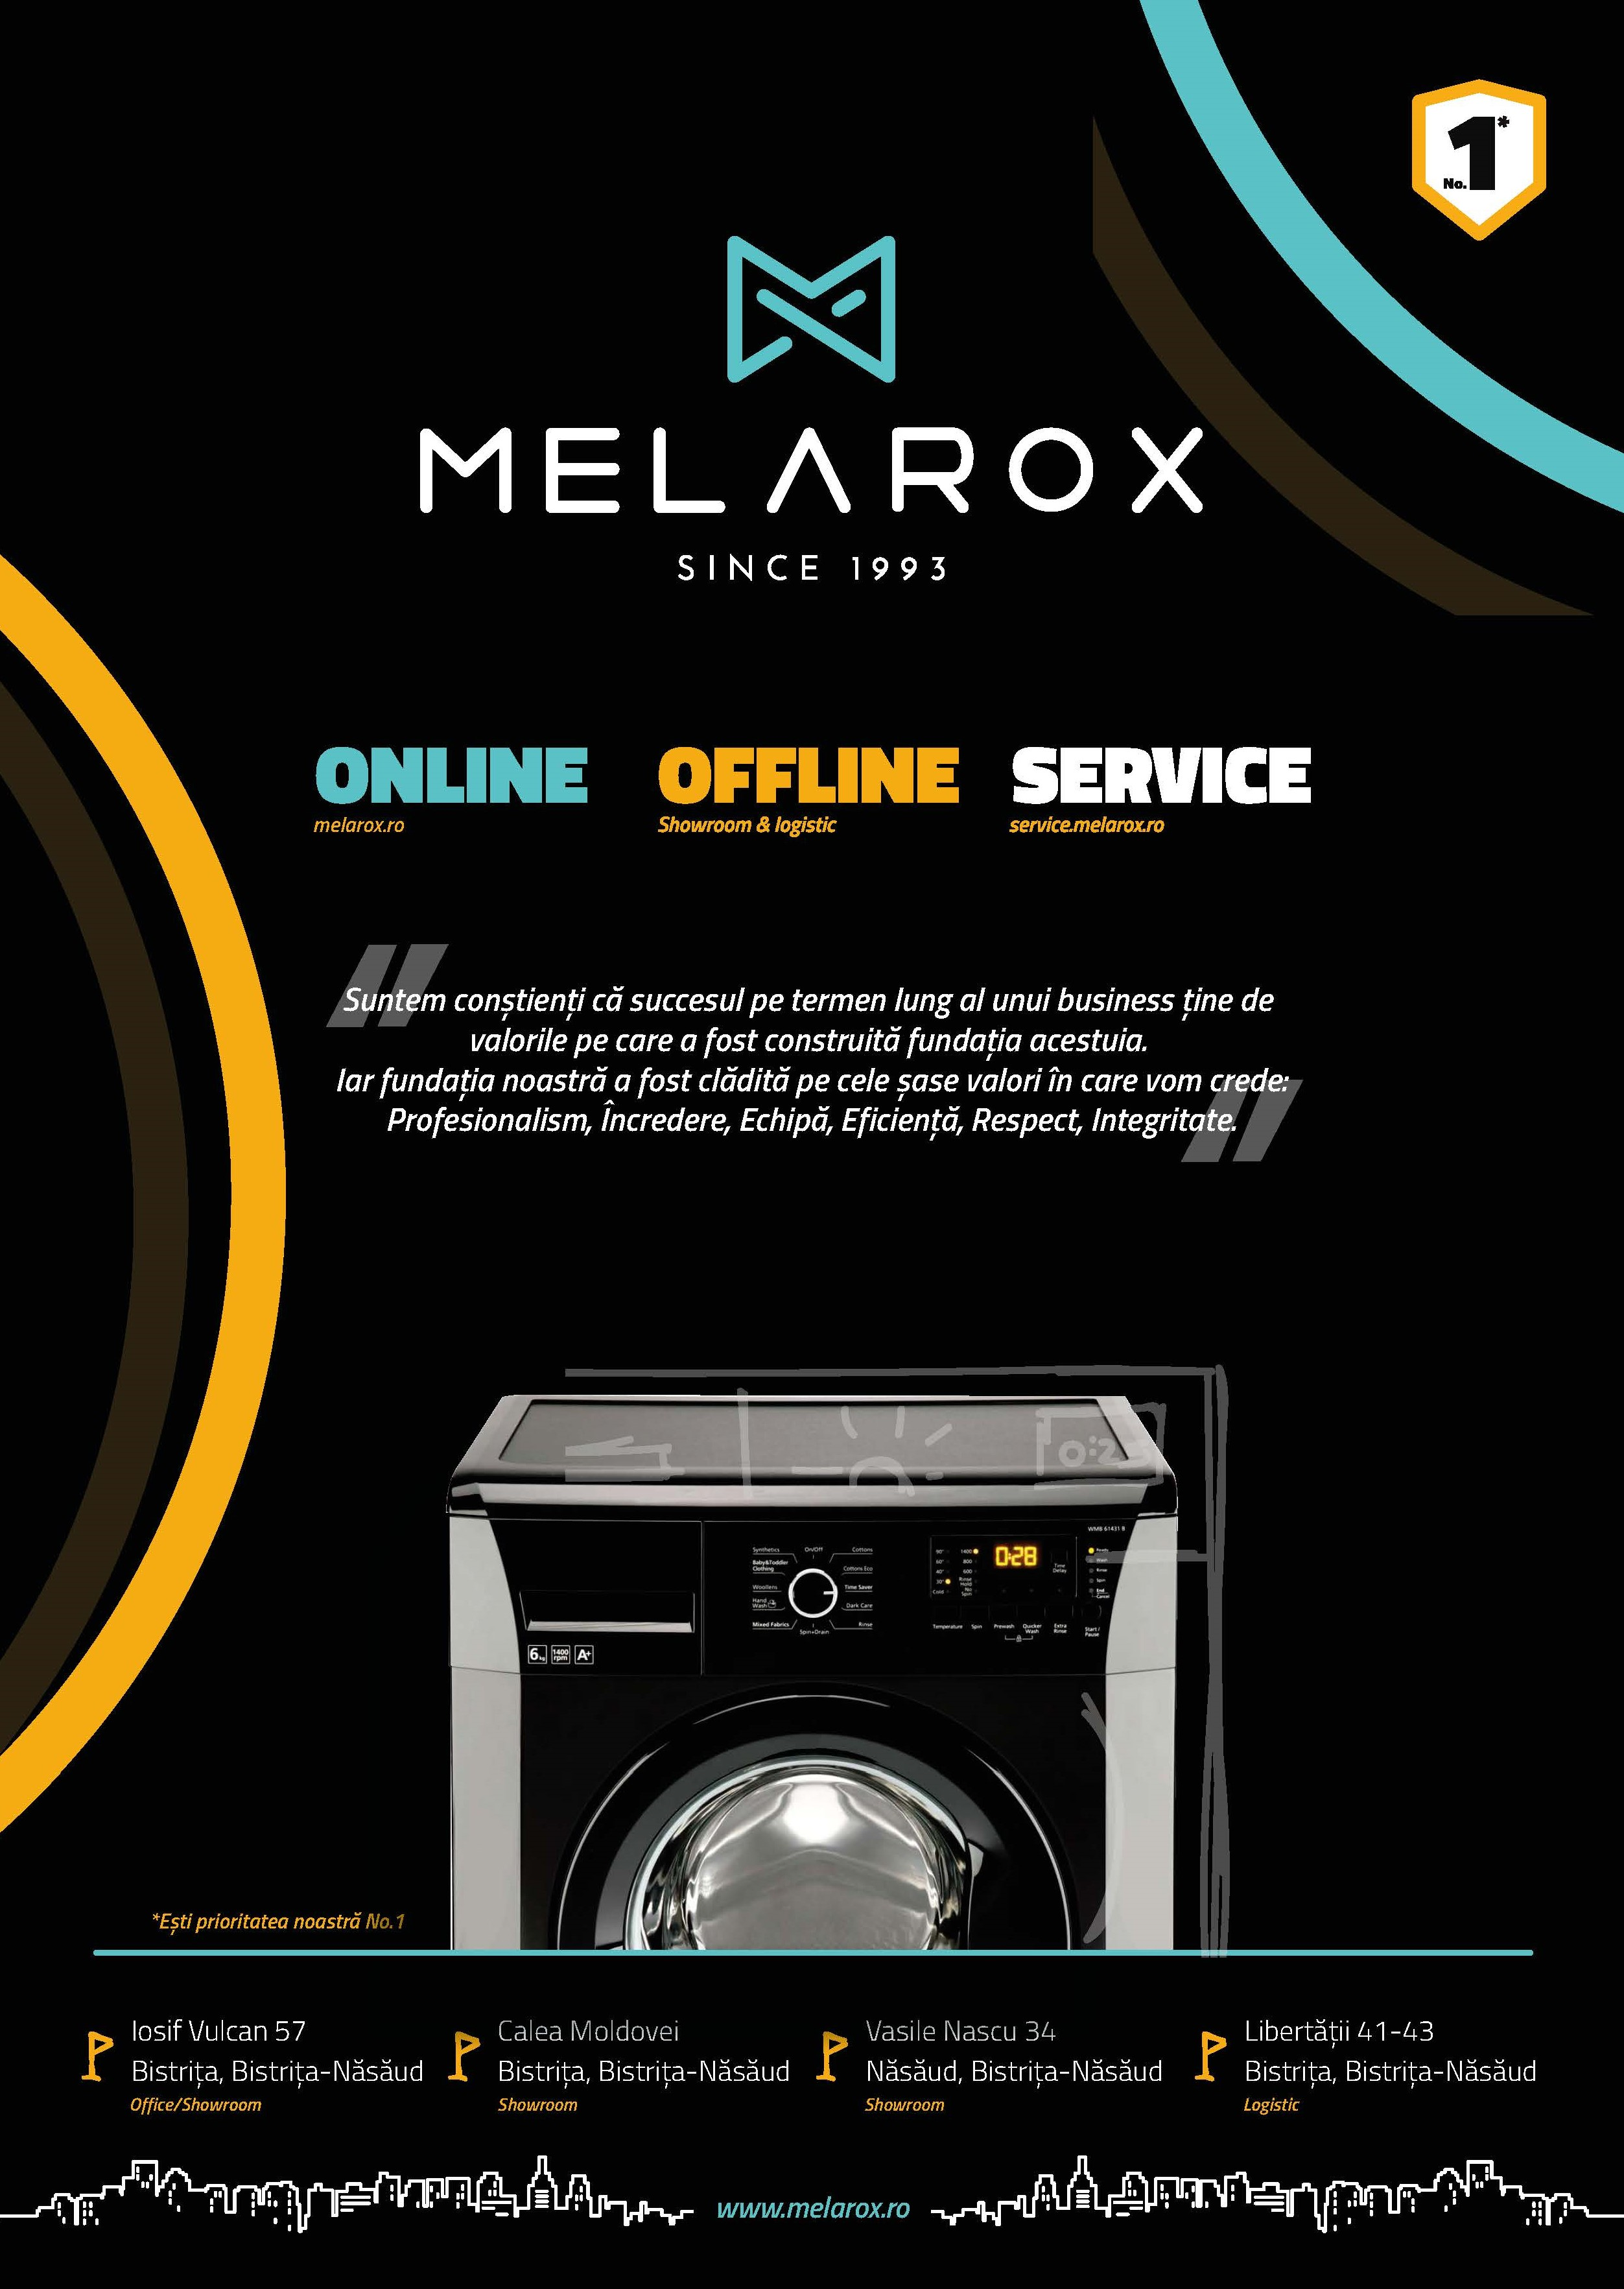 melarox